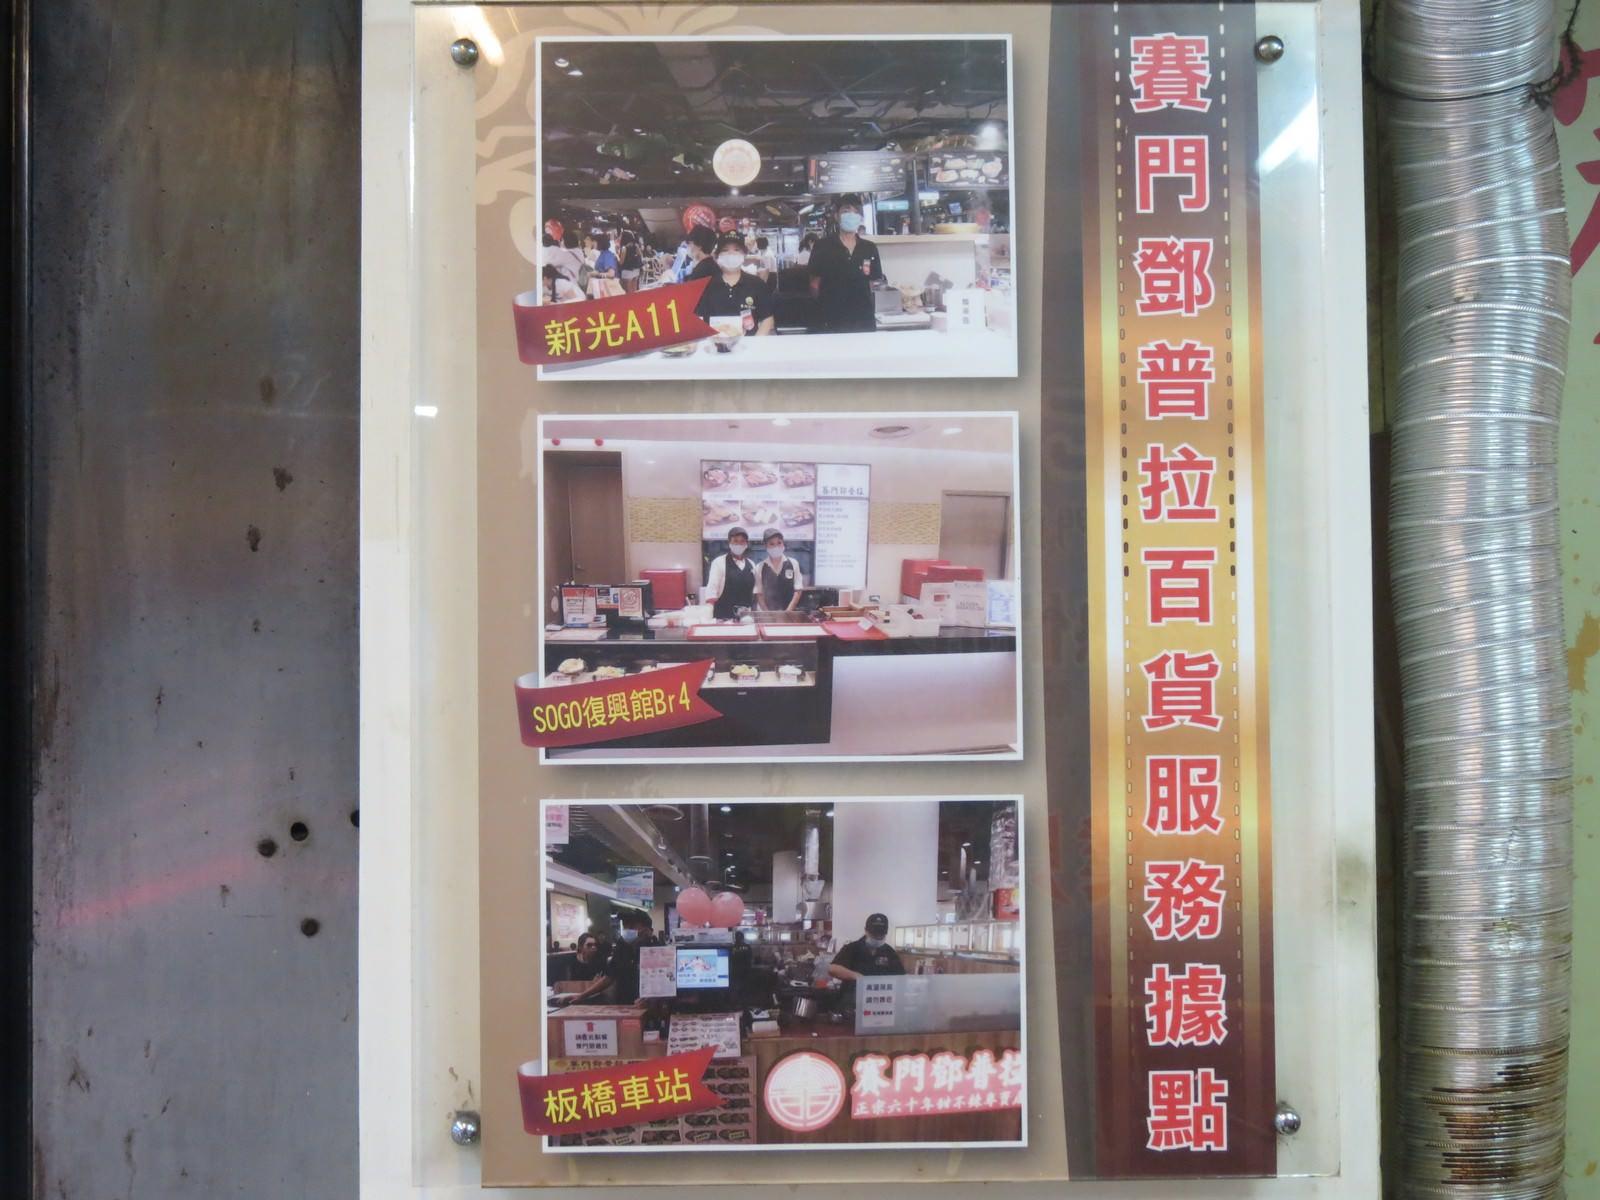 賽門鄧普拉@台北西門總店, 分店資訊